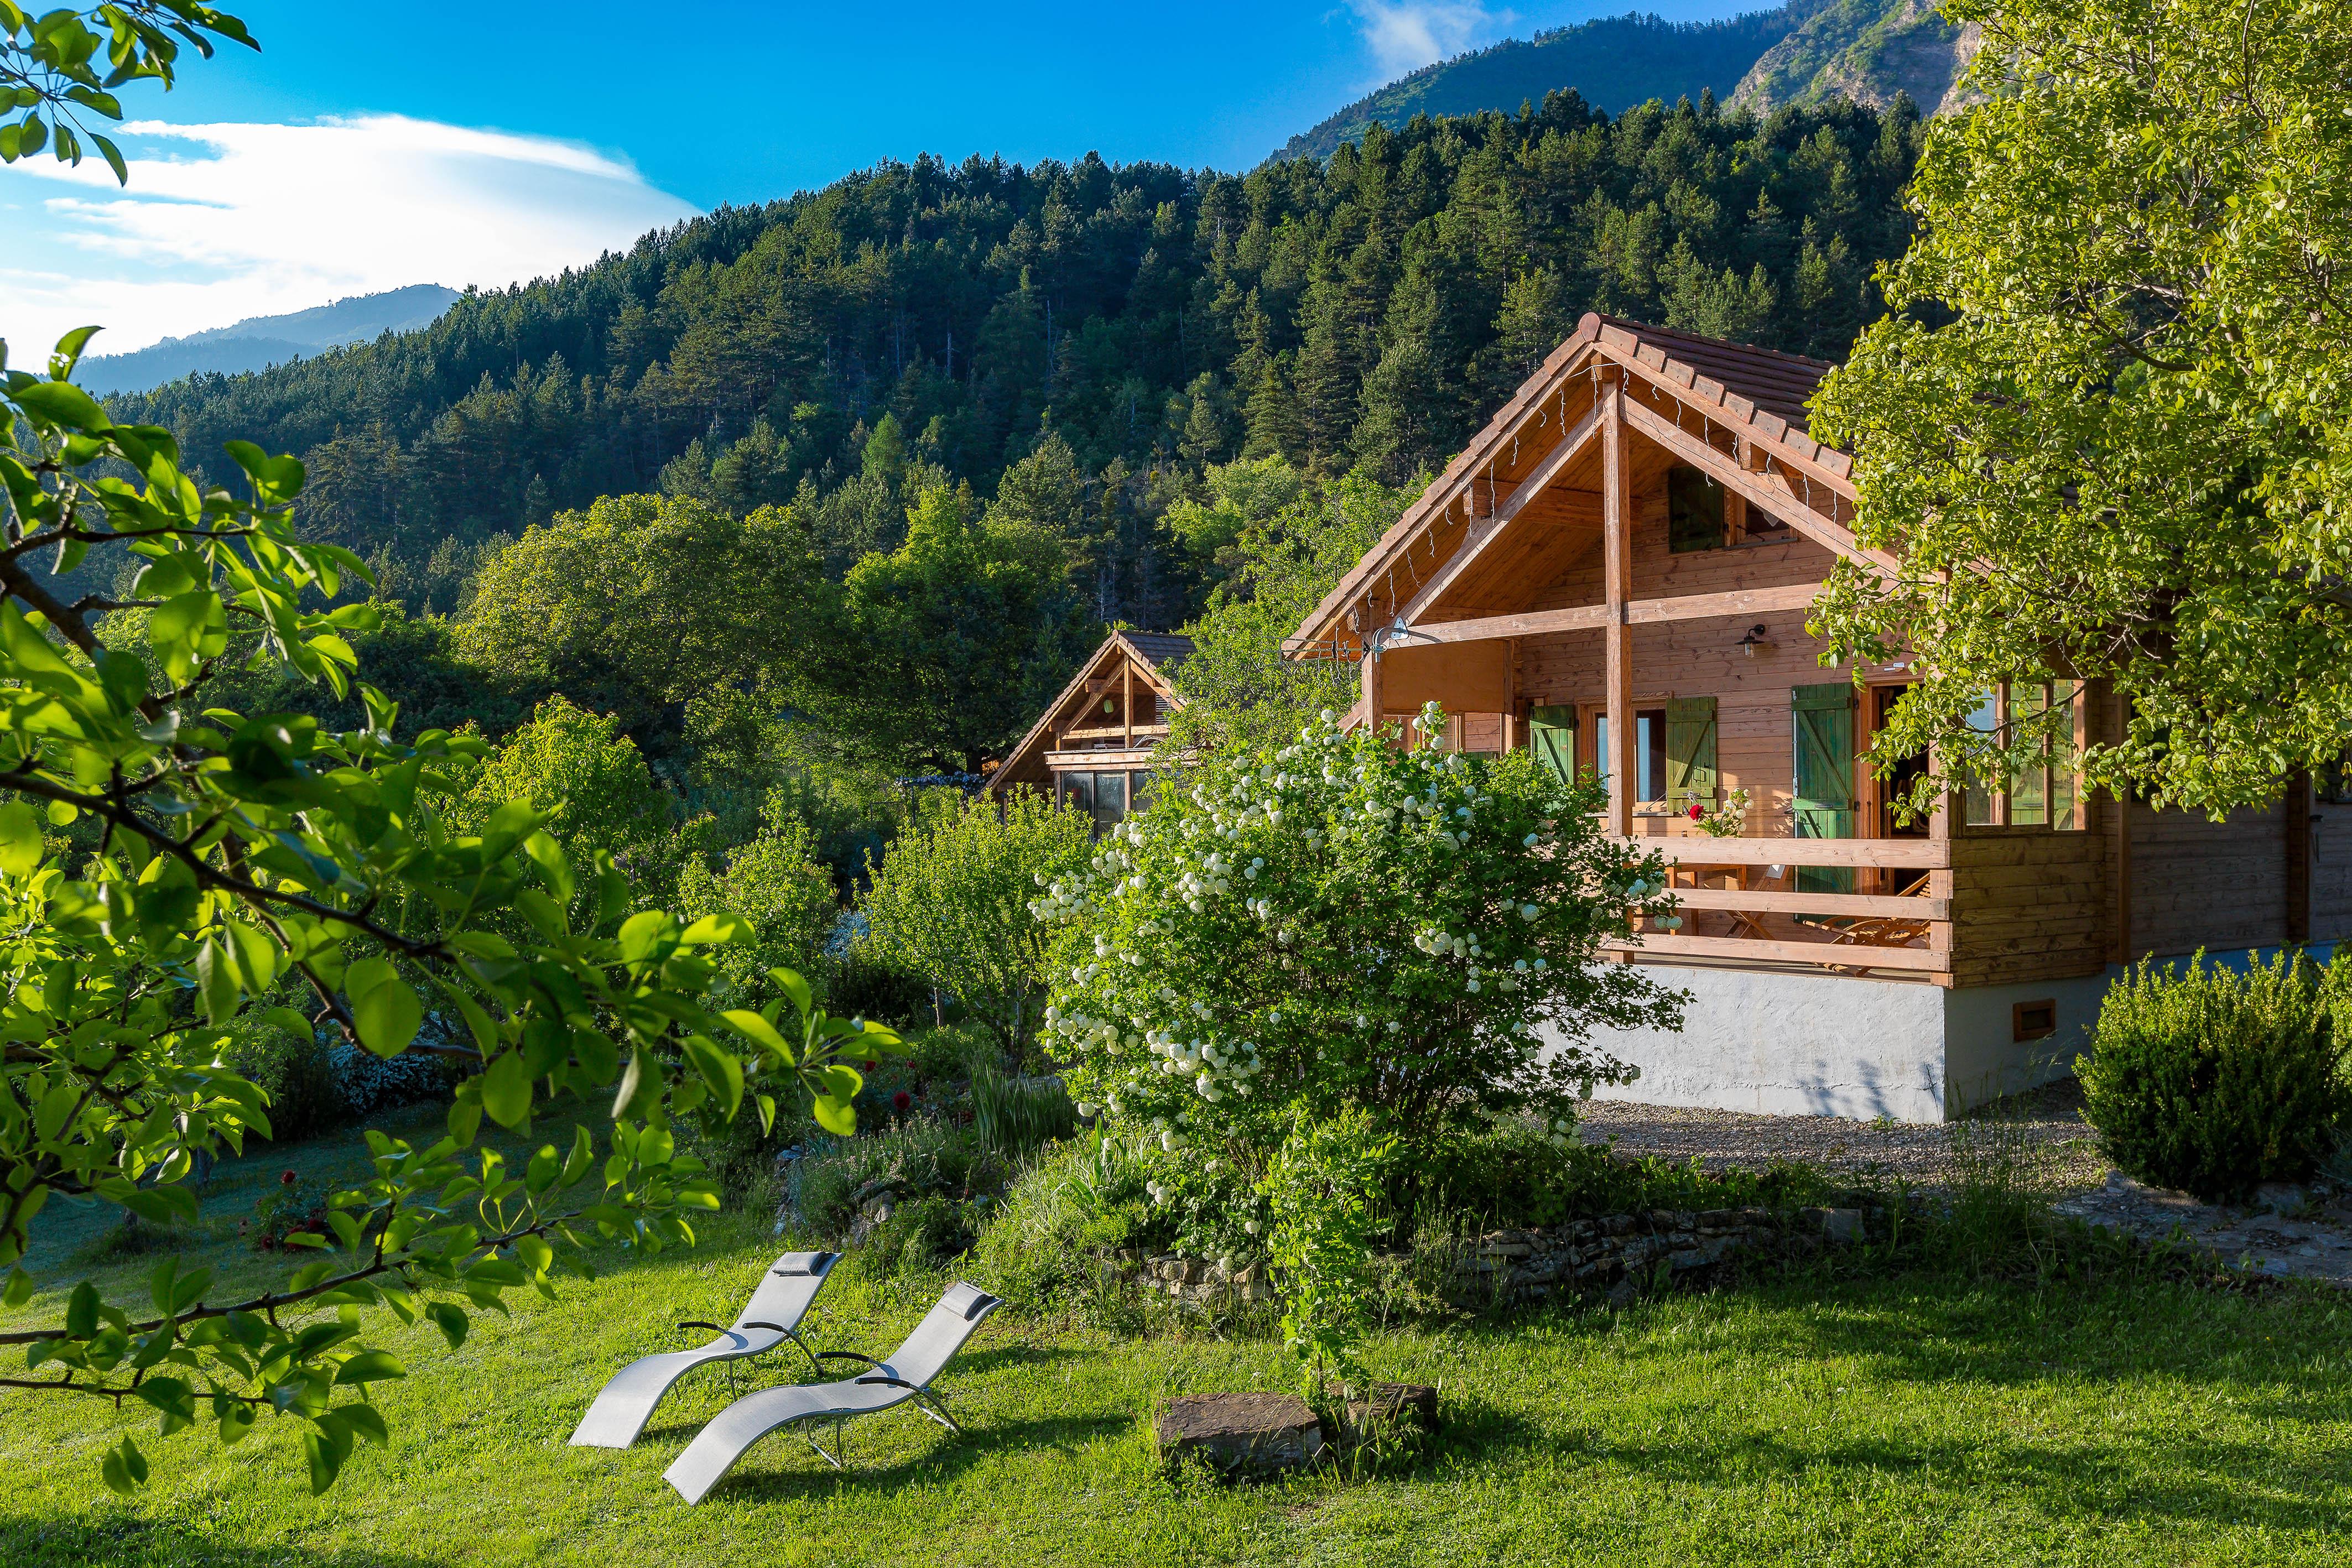 Chalet Carpe Diem - Le jardin devant le gîte et ses deux bains de soleil